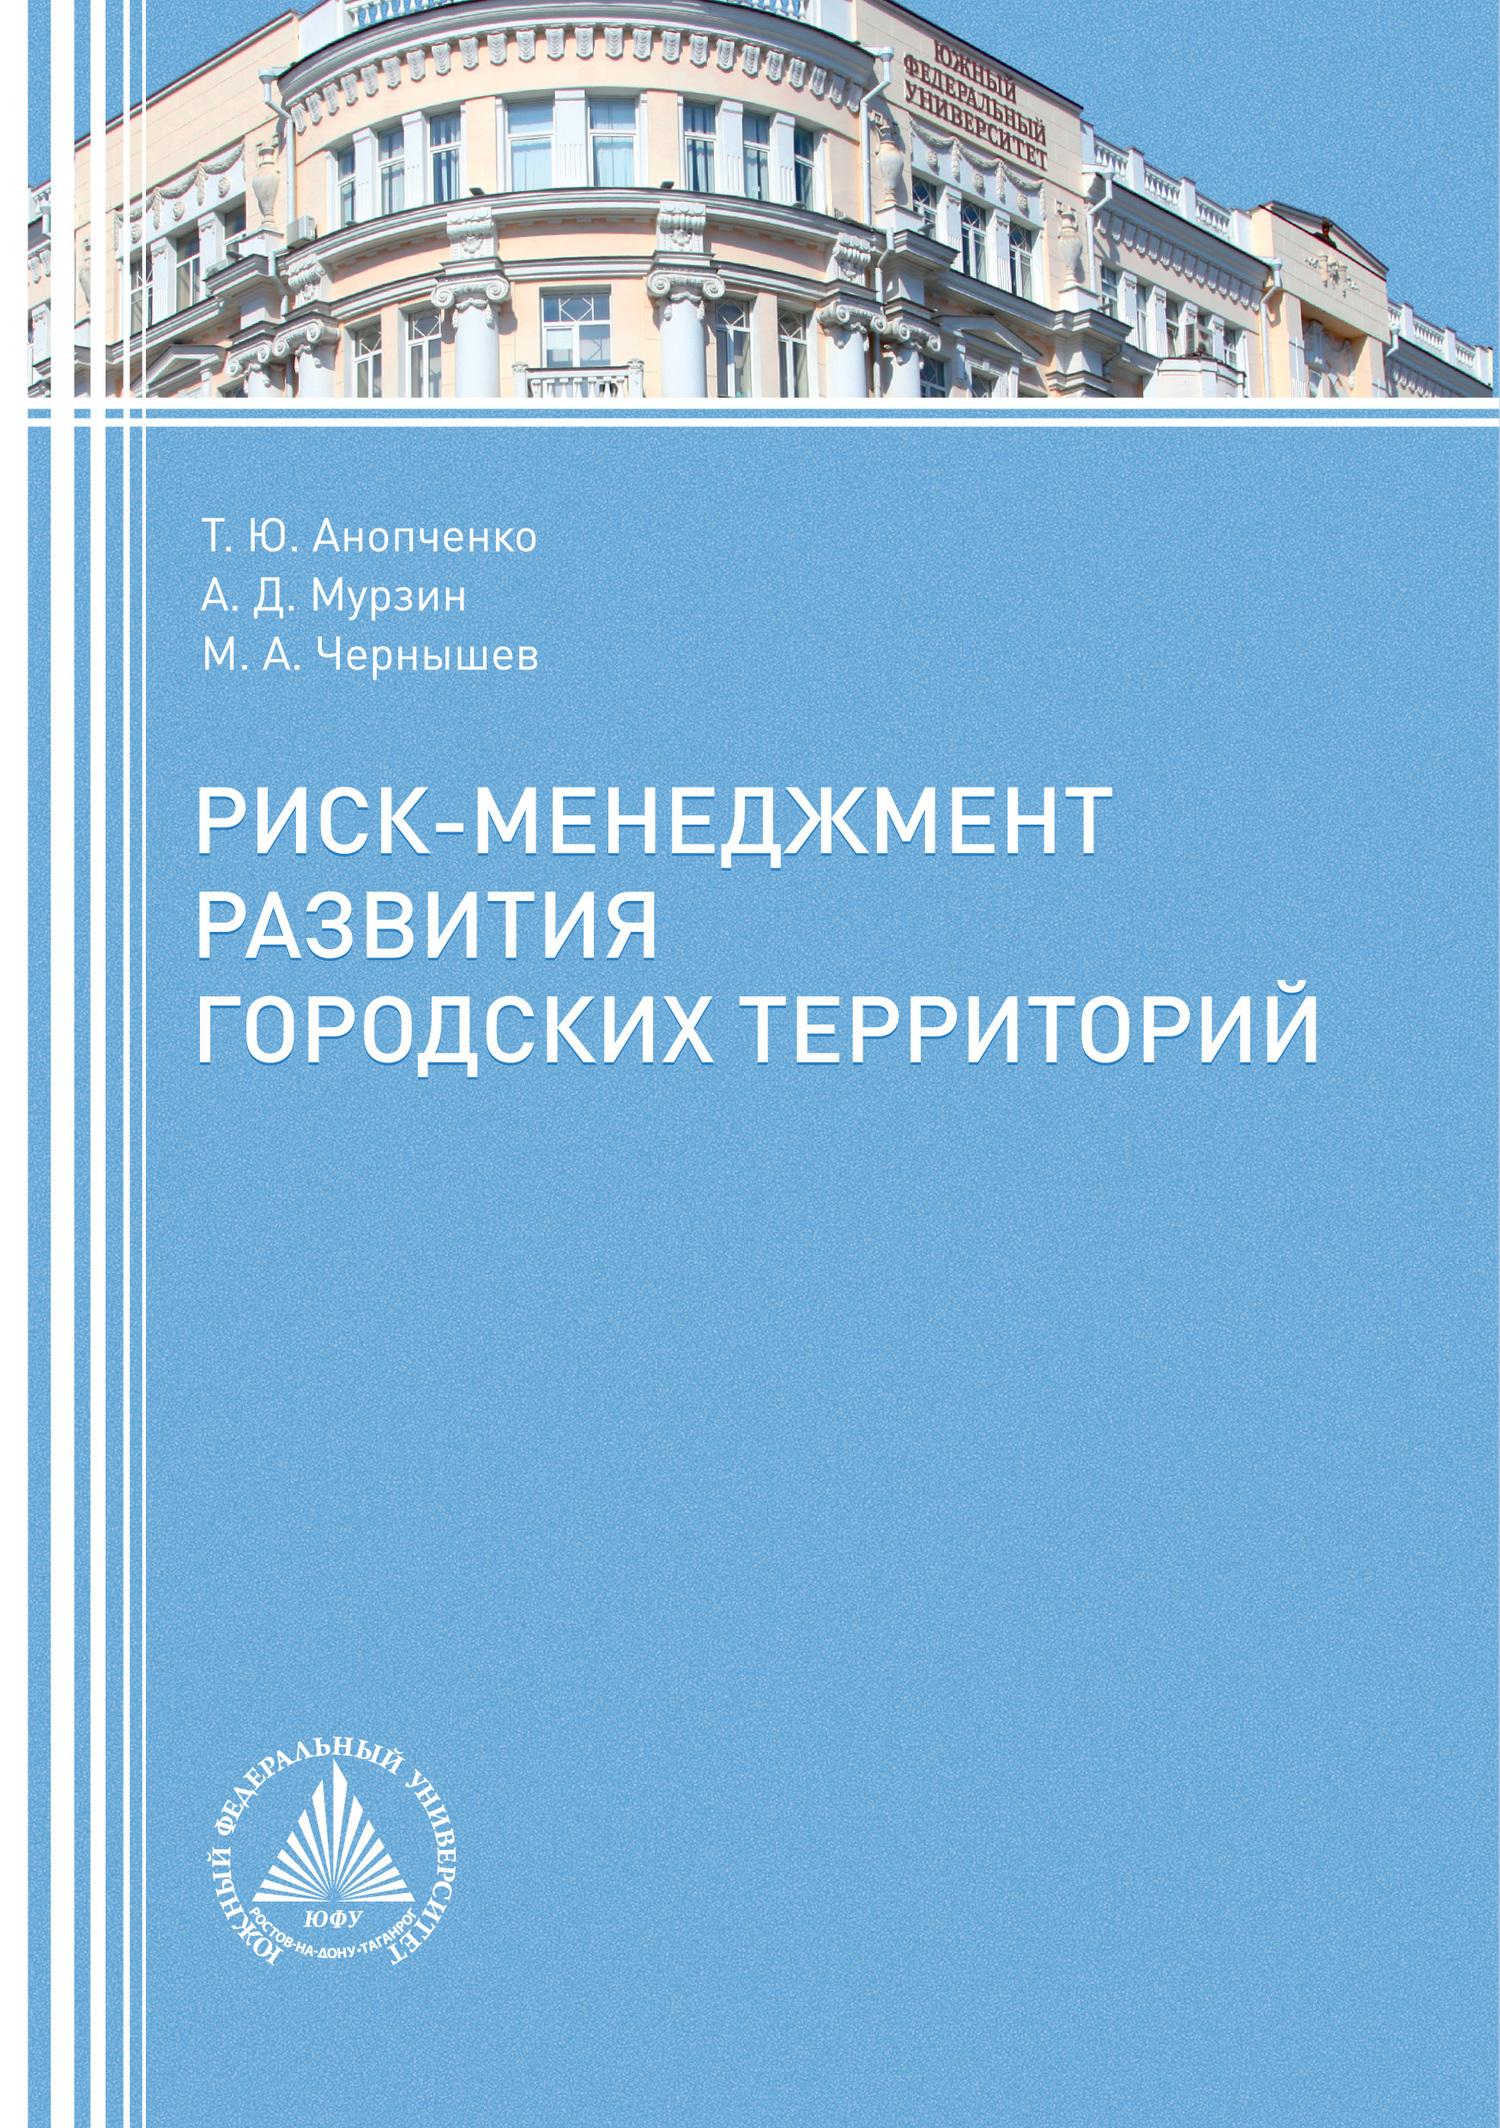 Т. Ю. Анопченко Риск-менеджмент развития городских территорий ISBN: 978-5-9275-1933-0